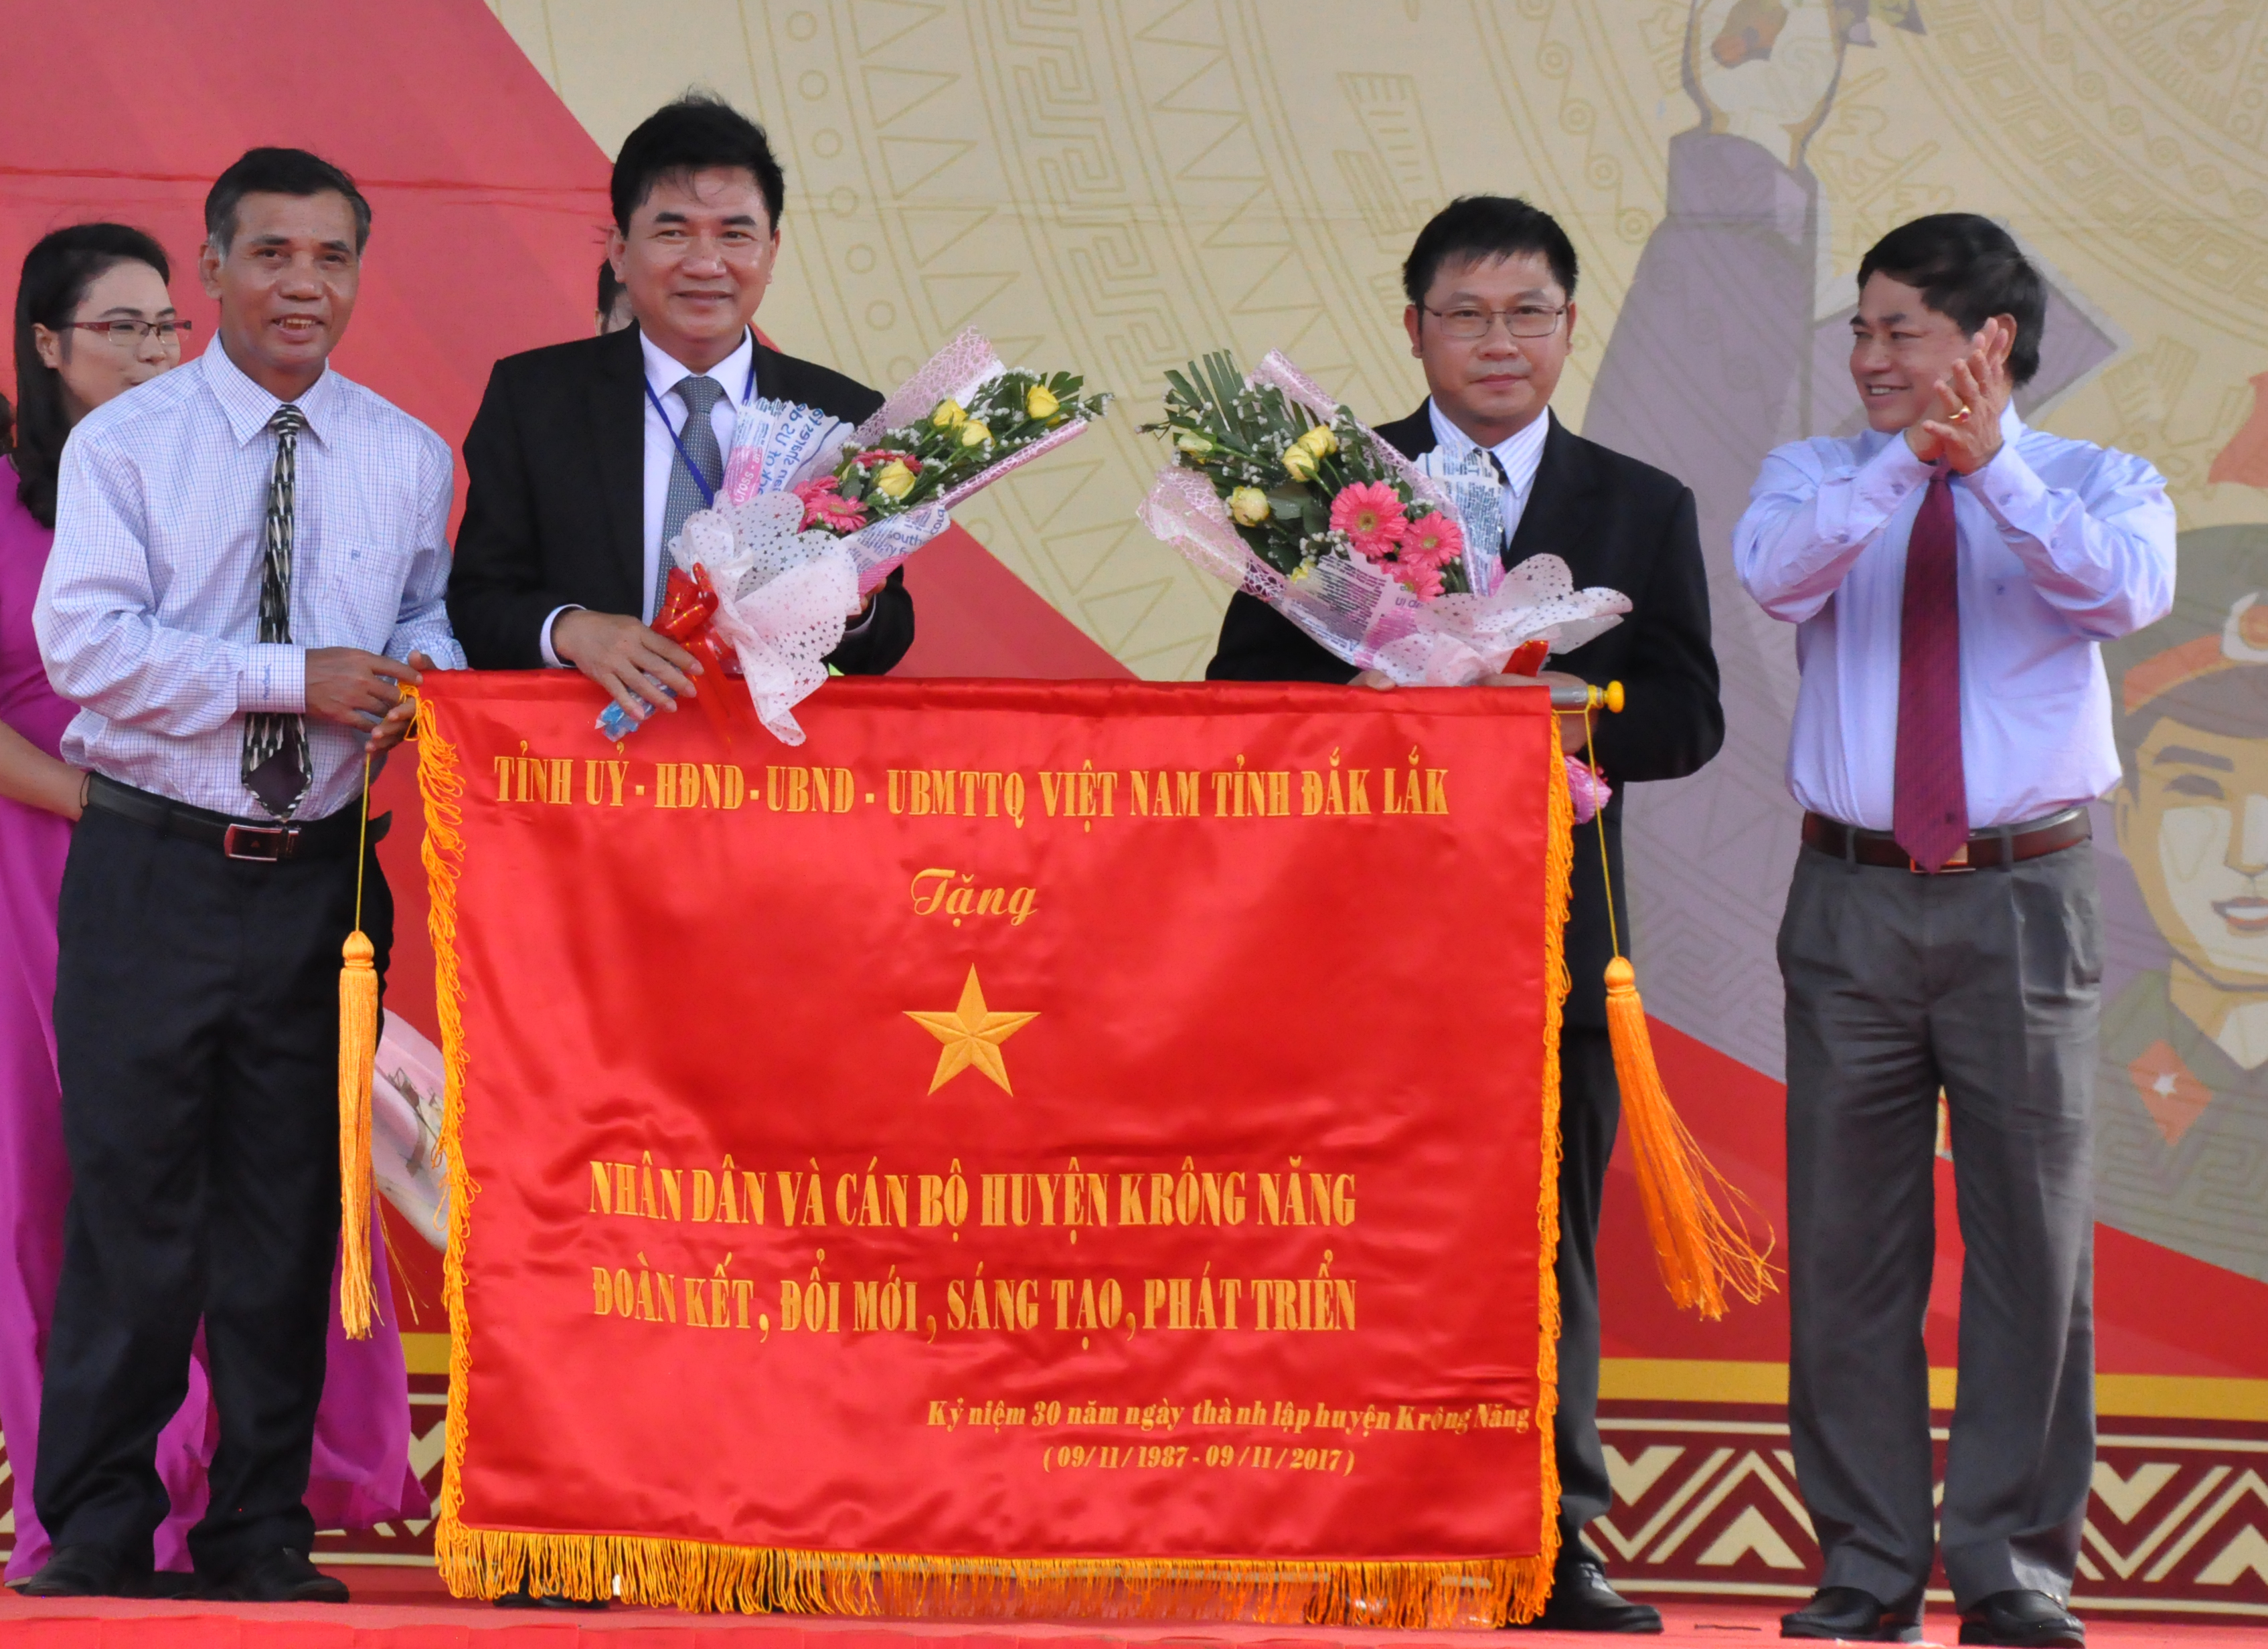 Huyện Krông Năng kỷ niệm 30 năm ngày thành lập